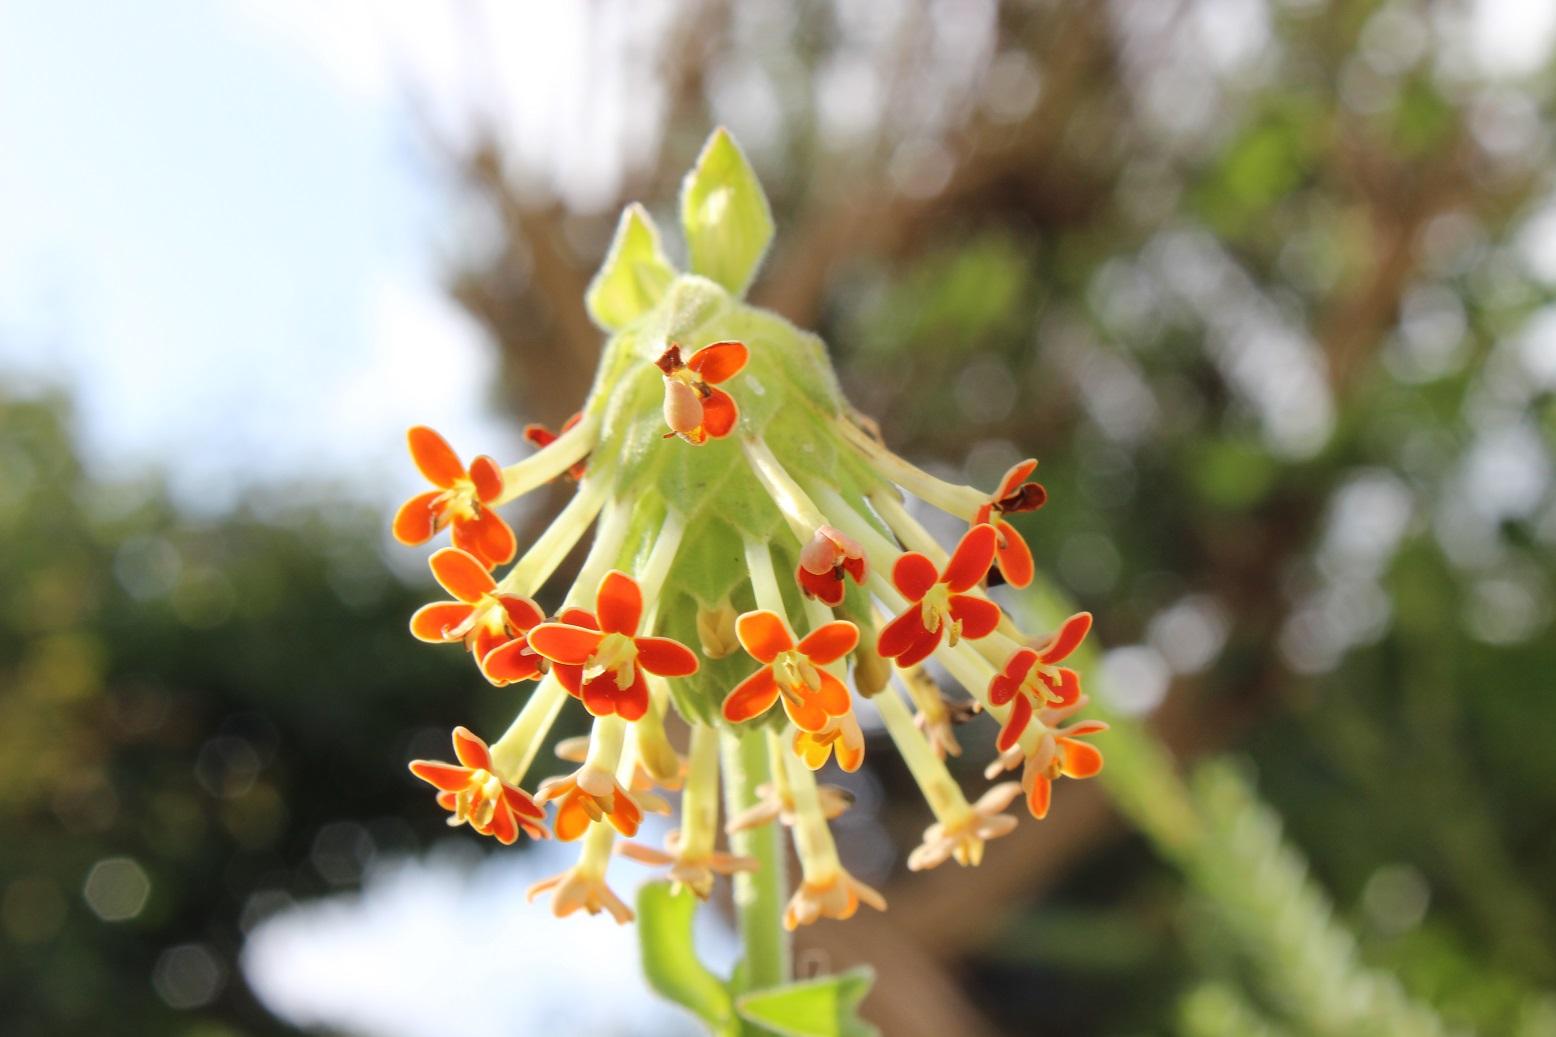 Glumicalyx nutans